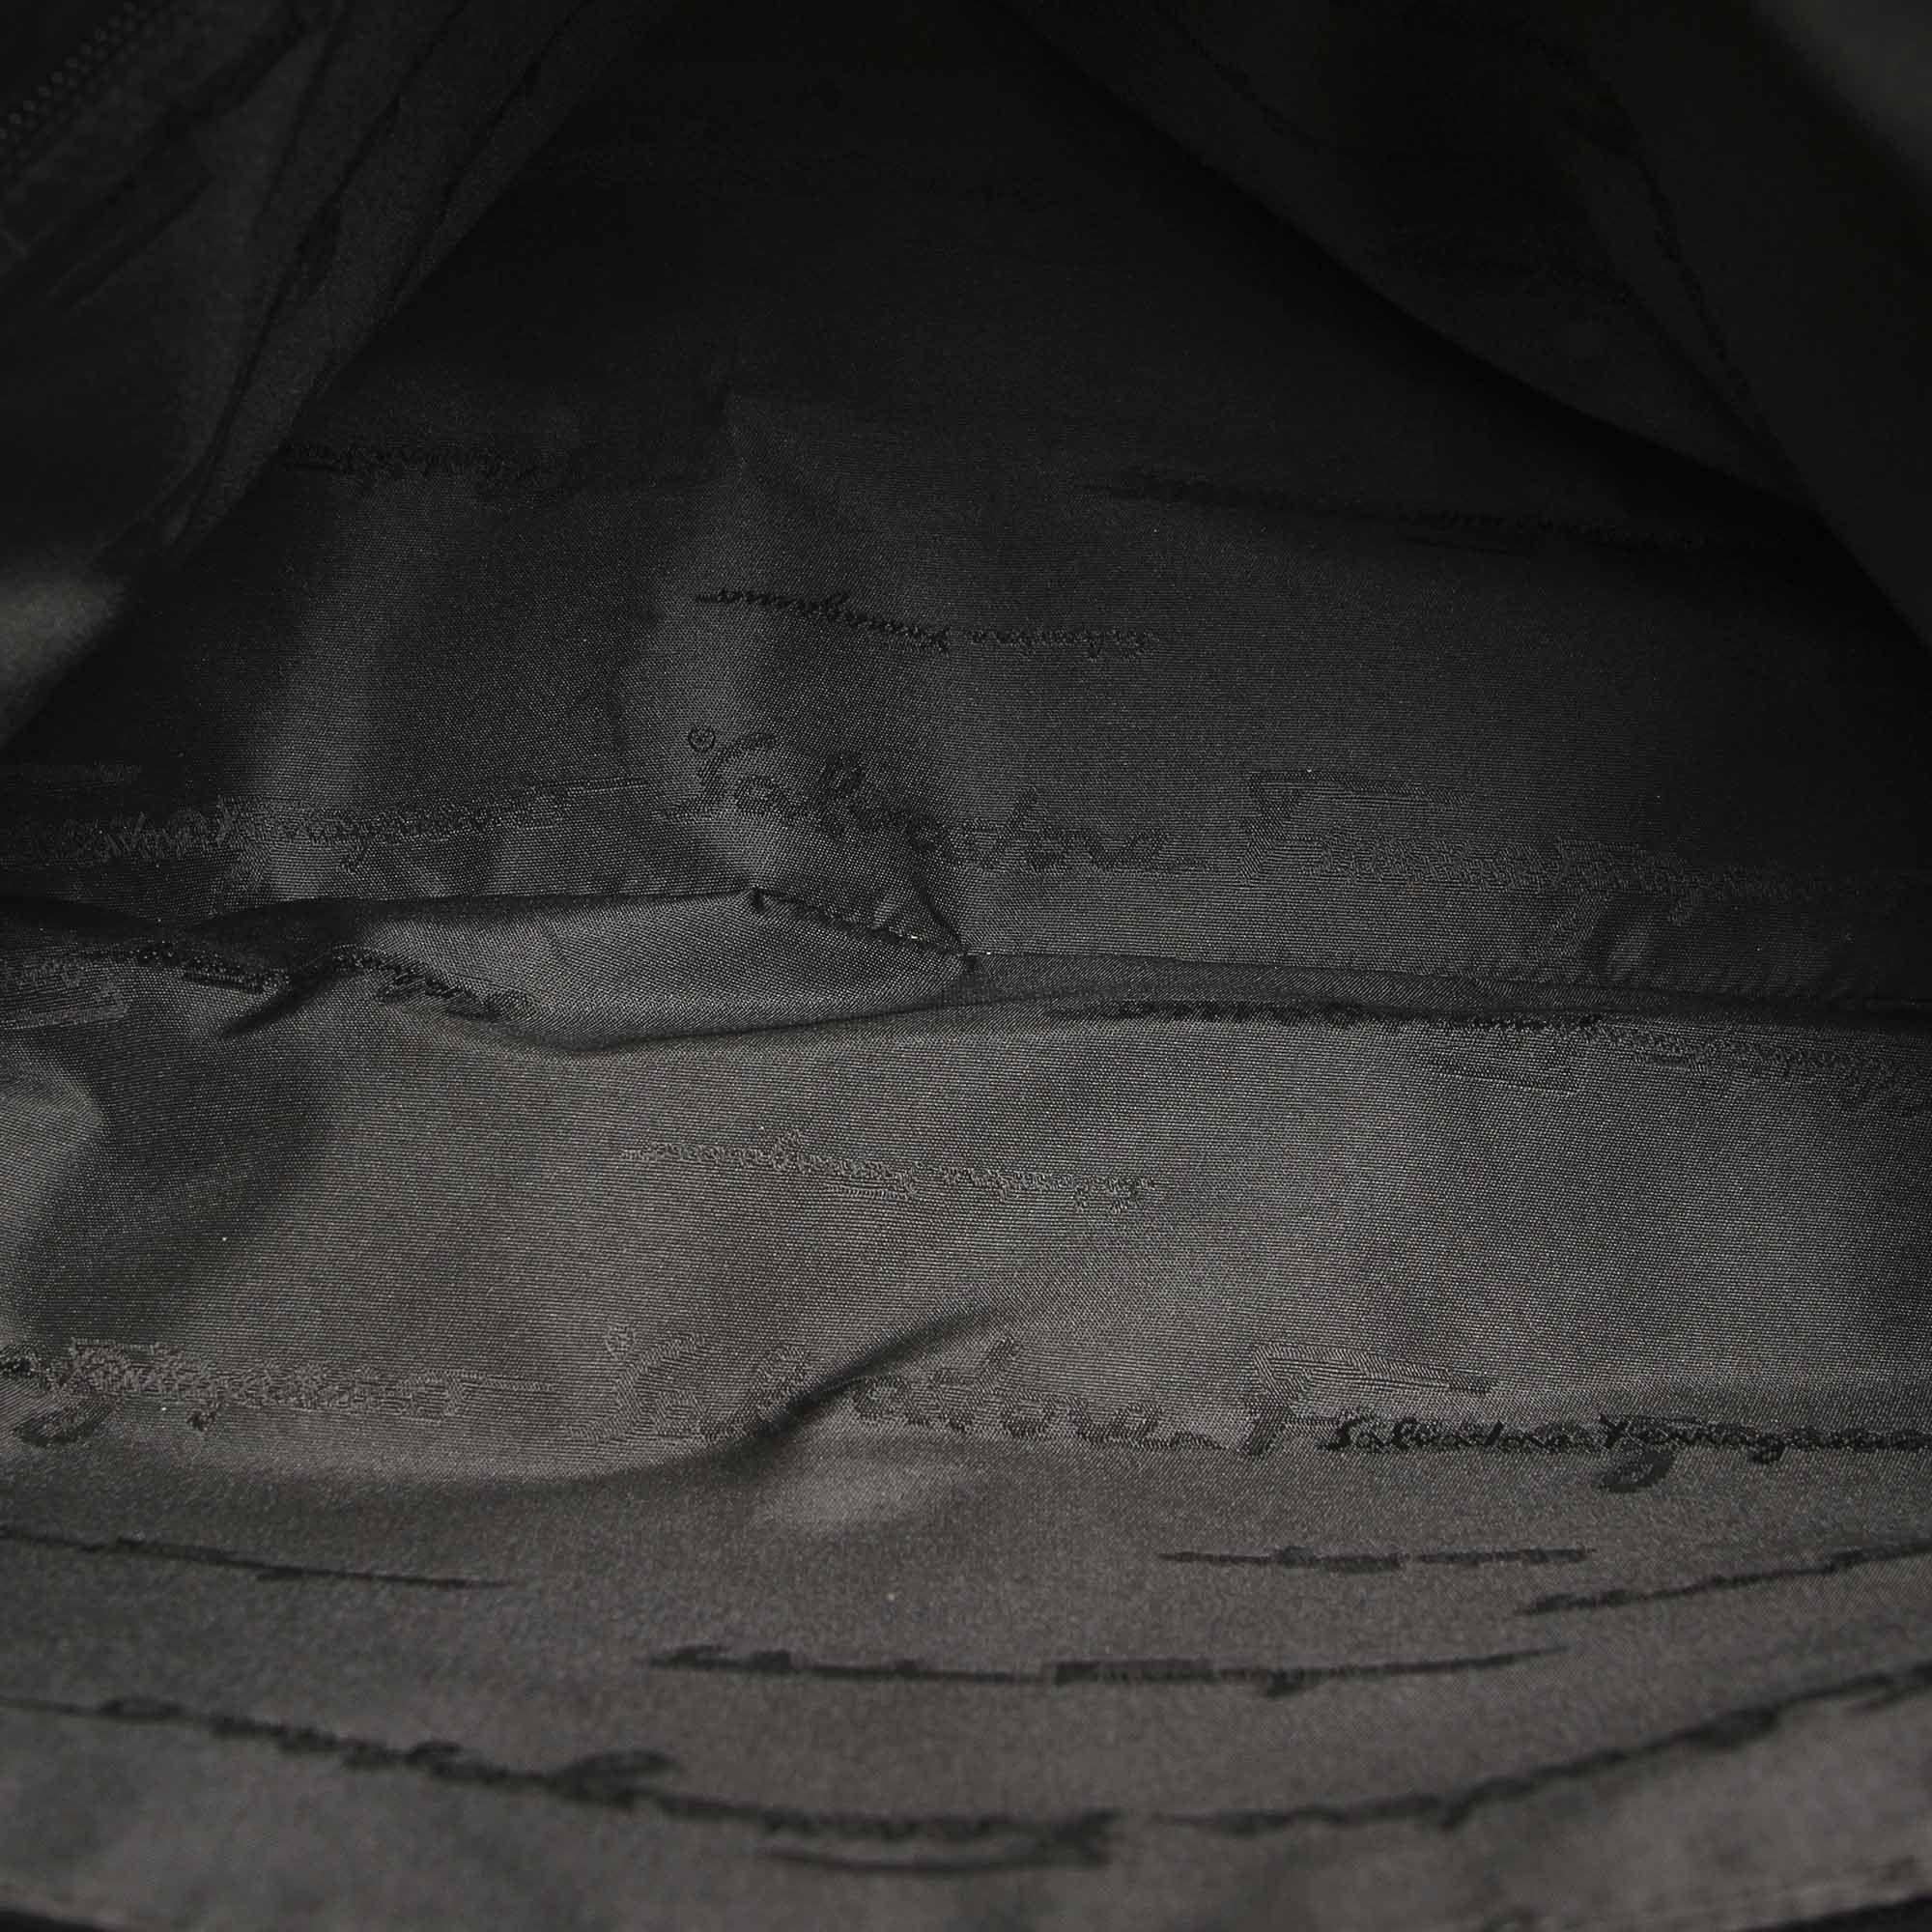 Vintage Ferragamo Nylon Tote Bag Black